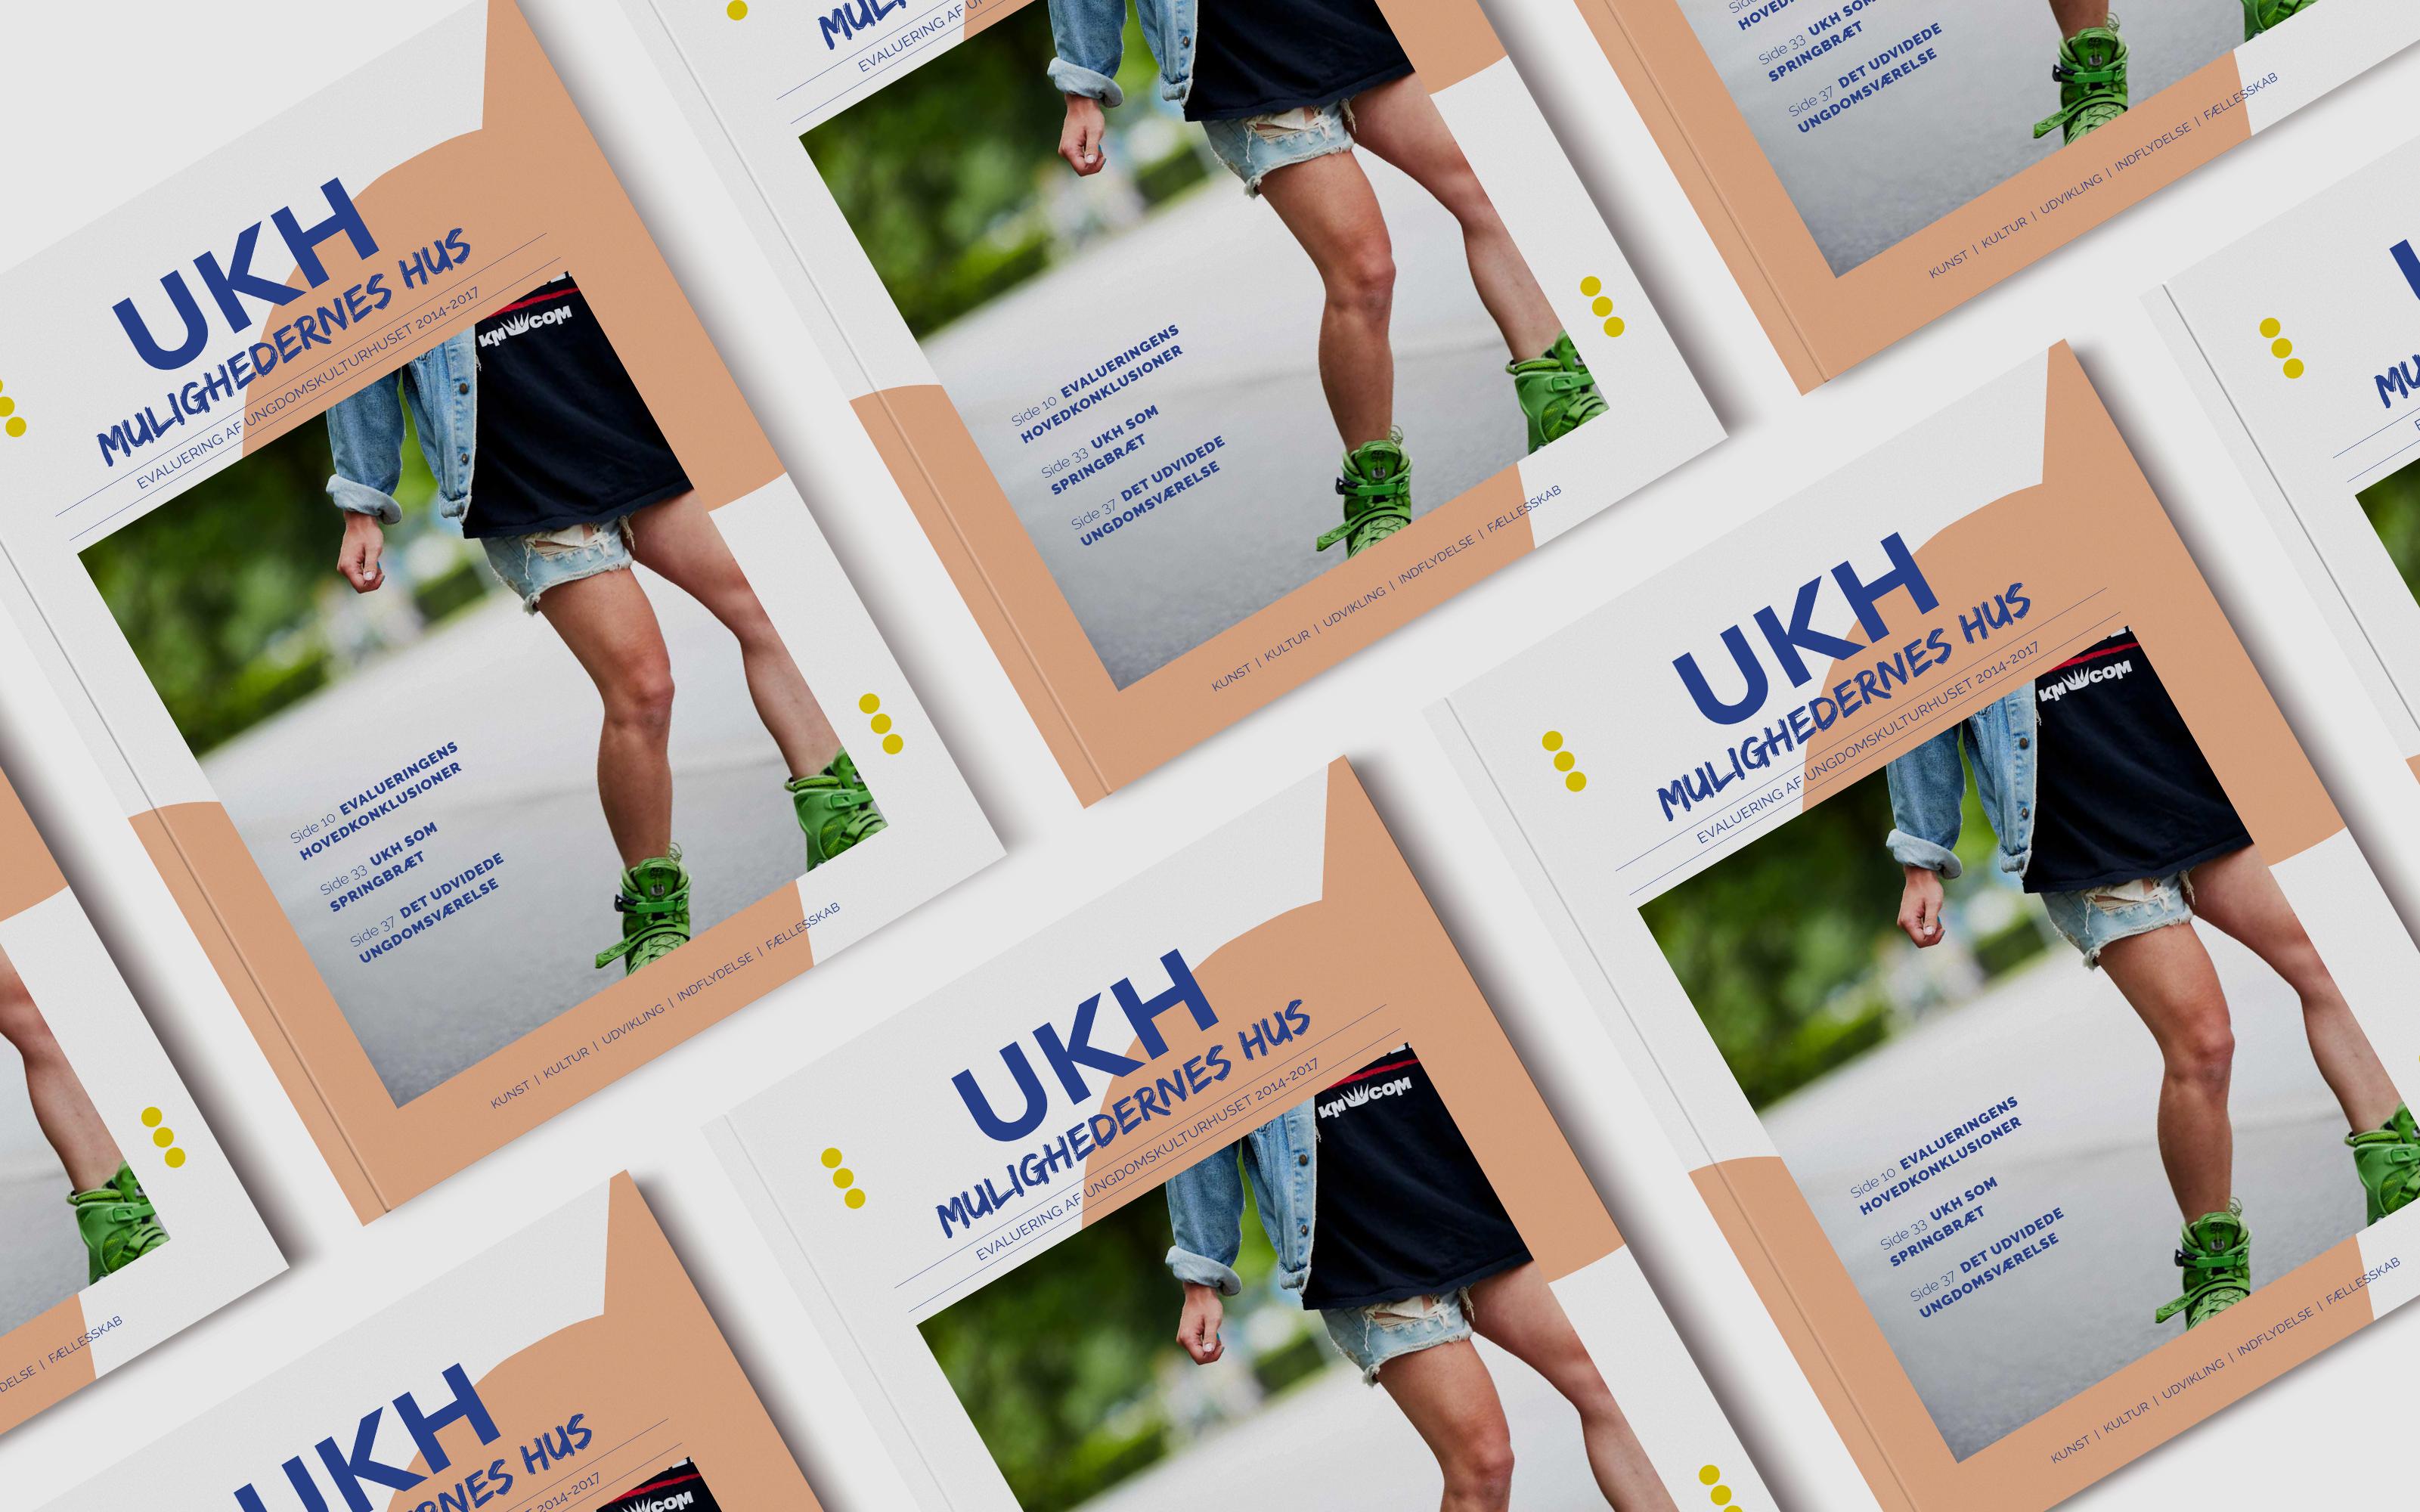 UKH_Krims_Cover_Magasin_Grafisk_Design